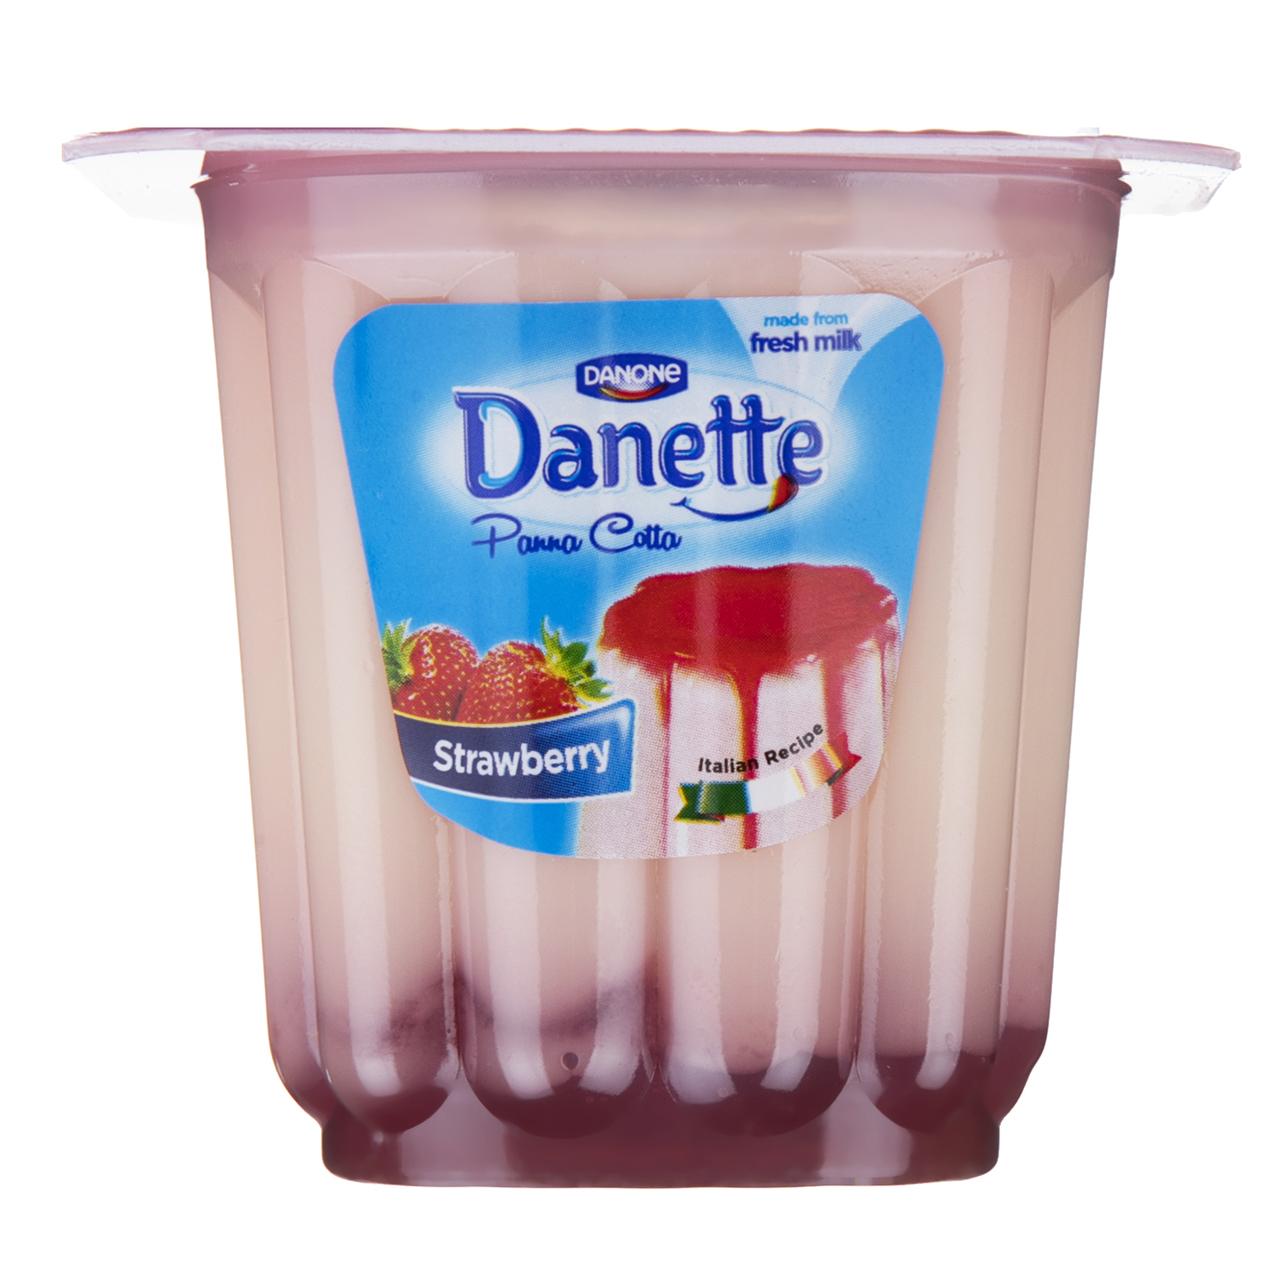 دسر پاناکوتا توت فرنگی دنت مقدار 100 گرم